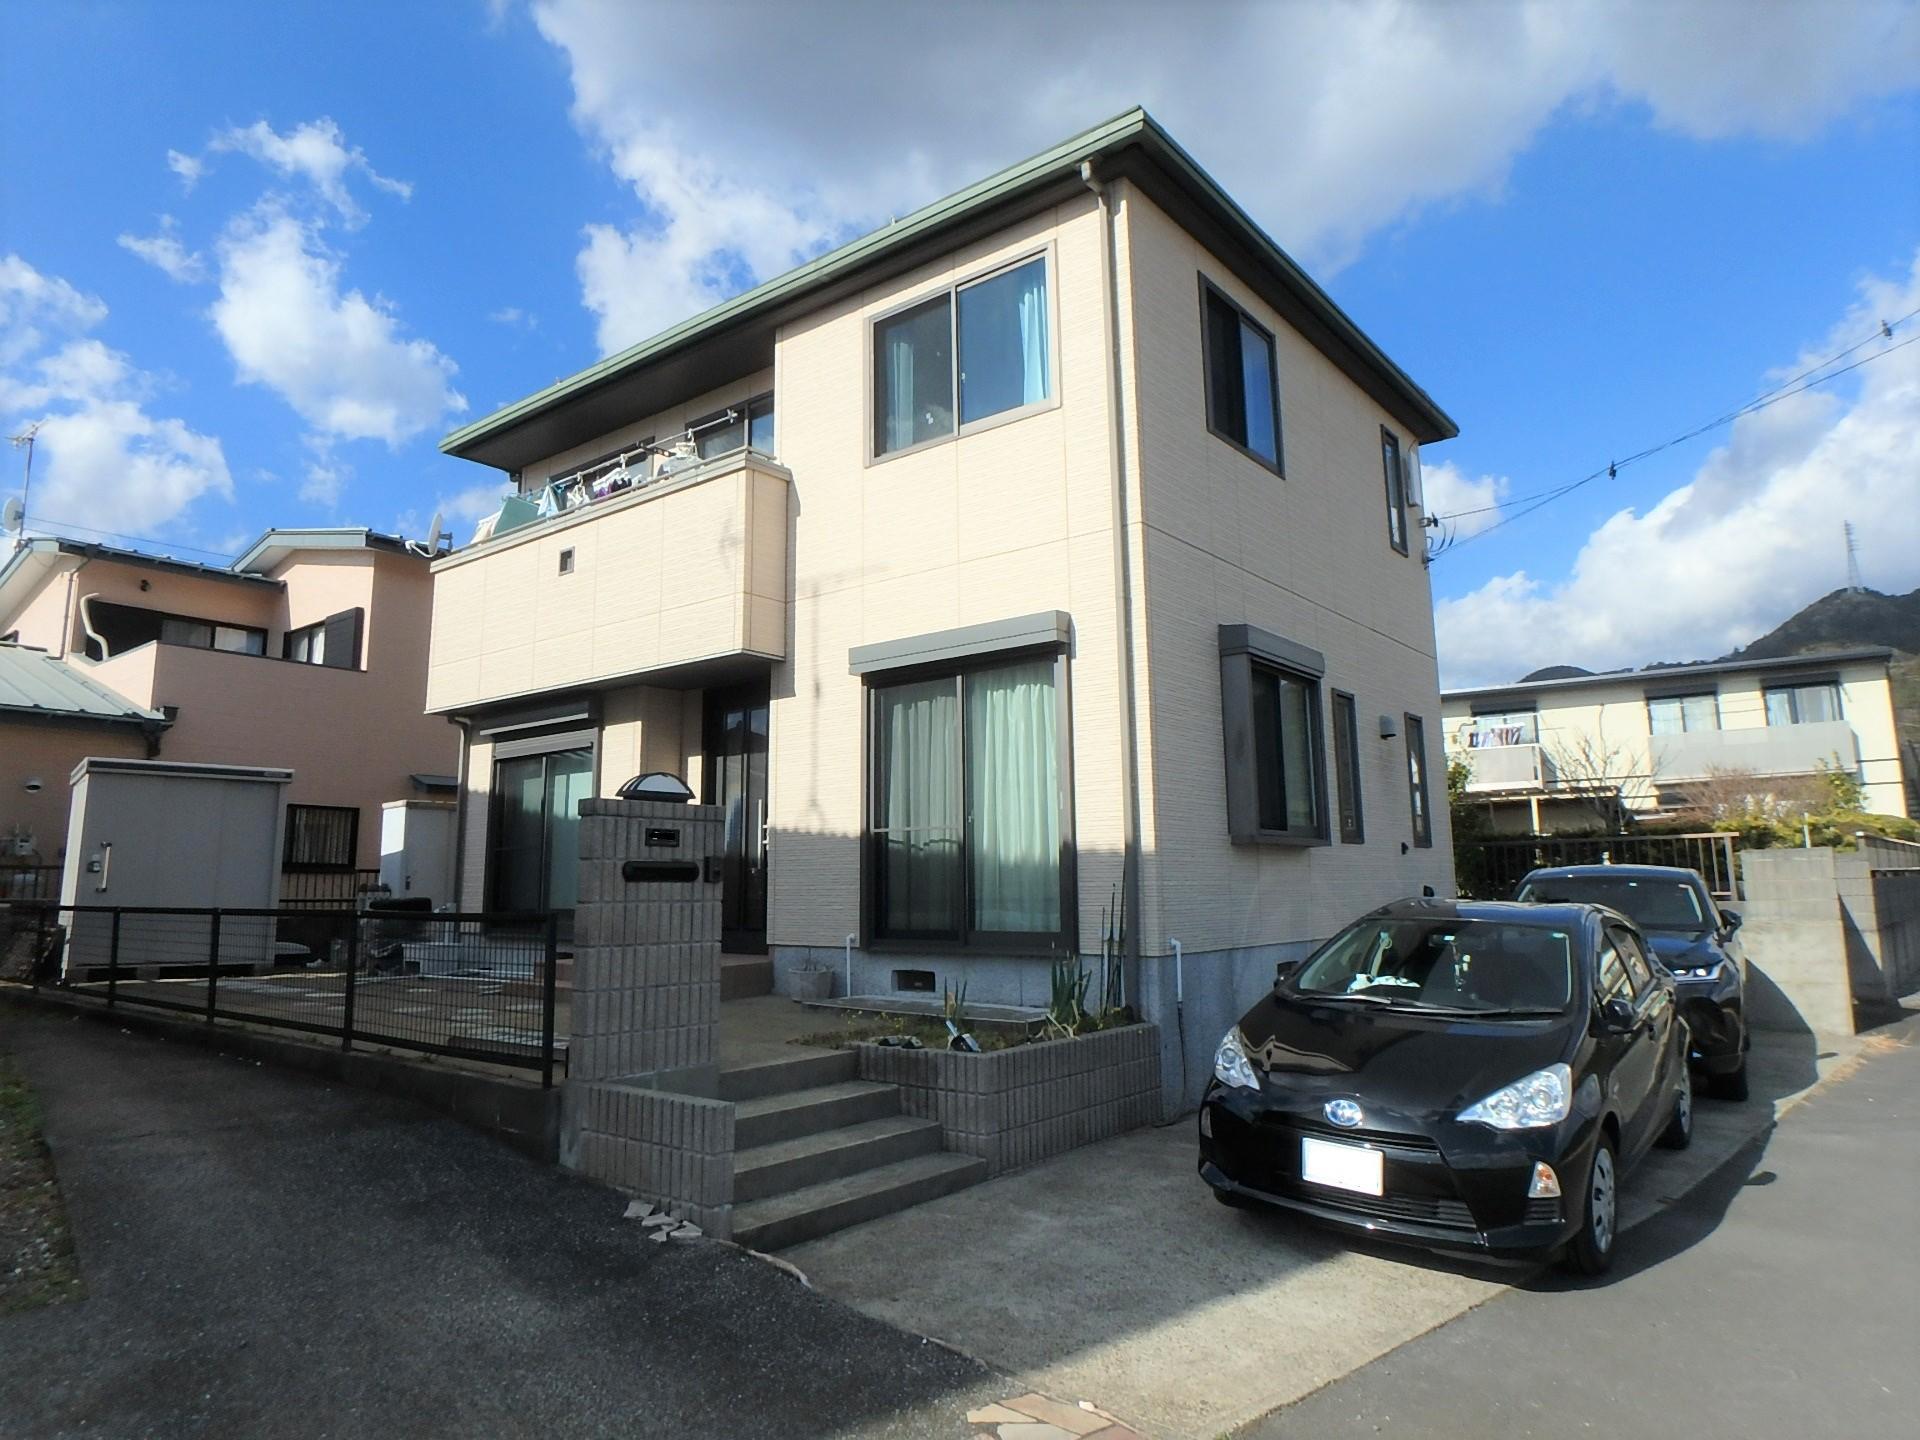 千葉県鴨川市東町の不動産、積水ハウスの中古住宅